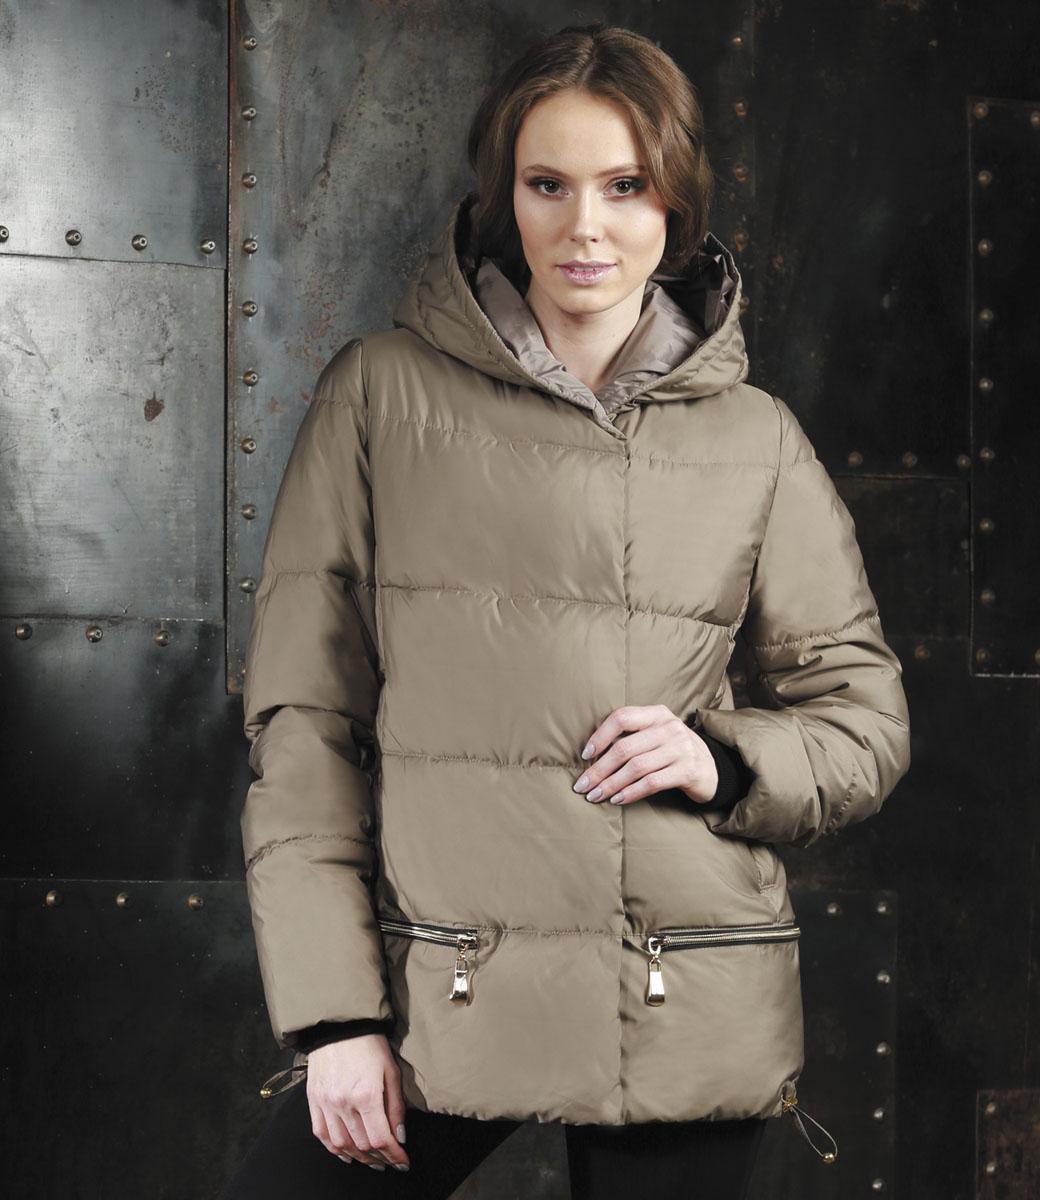 Куртка женская Grishko, цвет: темно-бежевый. AL-2965/1. Размер M (46)AL-2965/1Стильная женская куртка Grishko изготовлена из полиамида. В качестве утеплителя используется полиэфирное волокно. Куртка с несъемным капюшоном, оформленным съемным натуральным мехом енота, застегивается на застежку-молнию и на ветрозащитный клапан с кнопками. Спереди расположены два прорезных кармана на кнопках. Нижняя часть модели регулируется с помощью шнурка со стопперами.